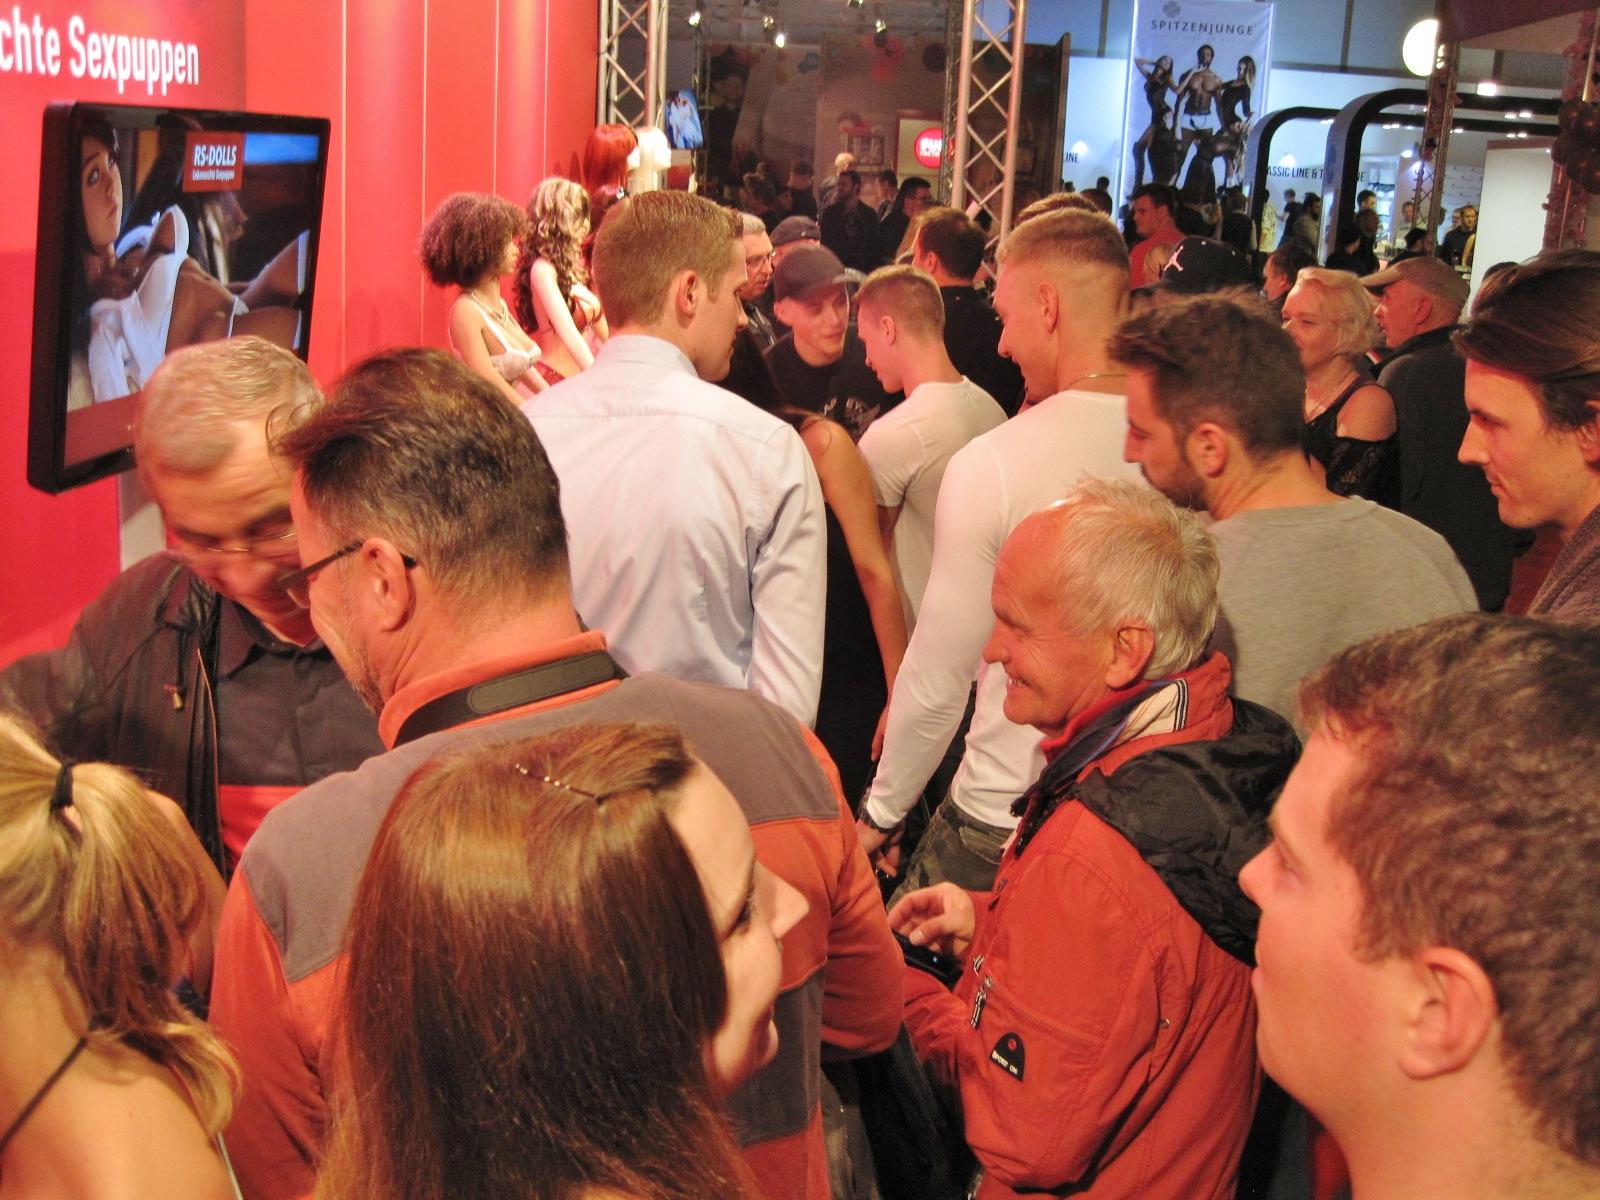 RS-DoIIs bedankt sich bei allen Besuchern der VENUS-Berlin !!